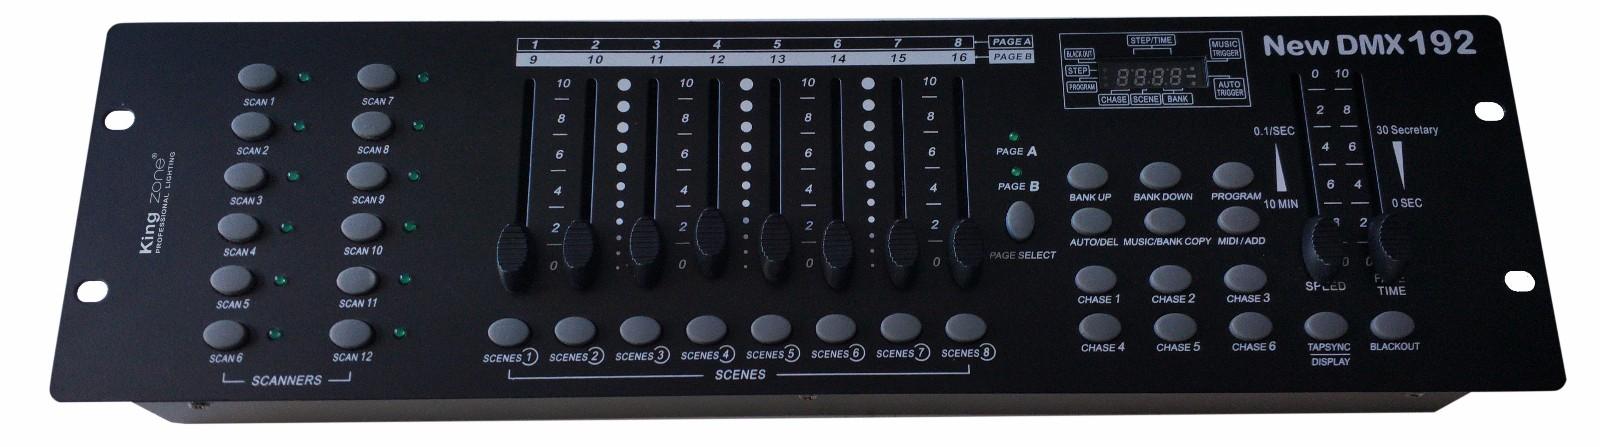 产品中心 专业舞台灯光 数字灯光控制台